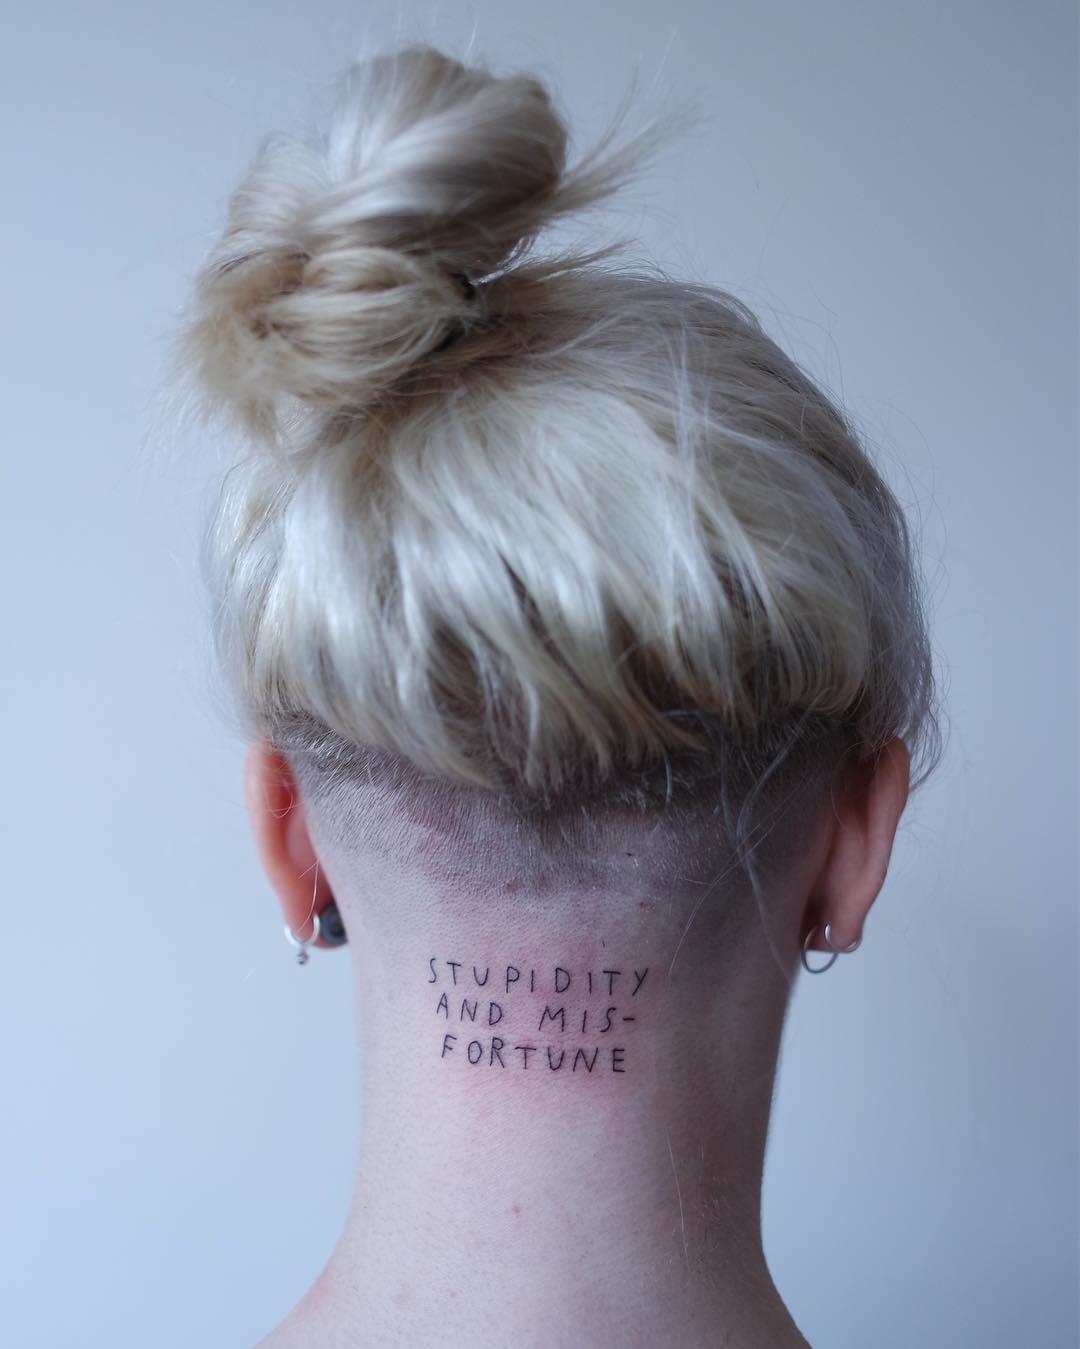 татуировки-надписи, Мэйсон Хефнер, Maison Hefner, германия, мюнхен, интервью, татуировки со смыслом, психология